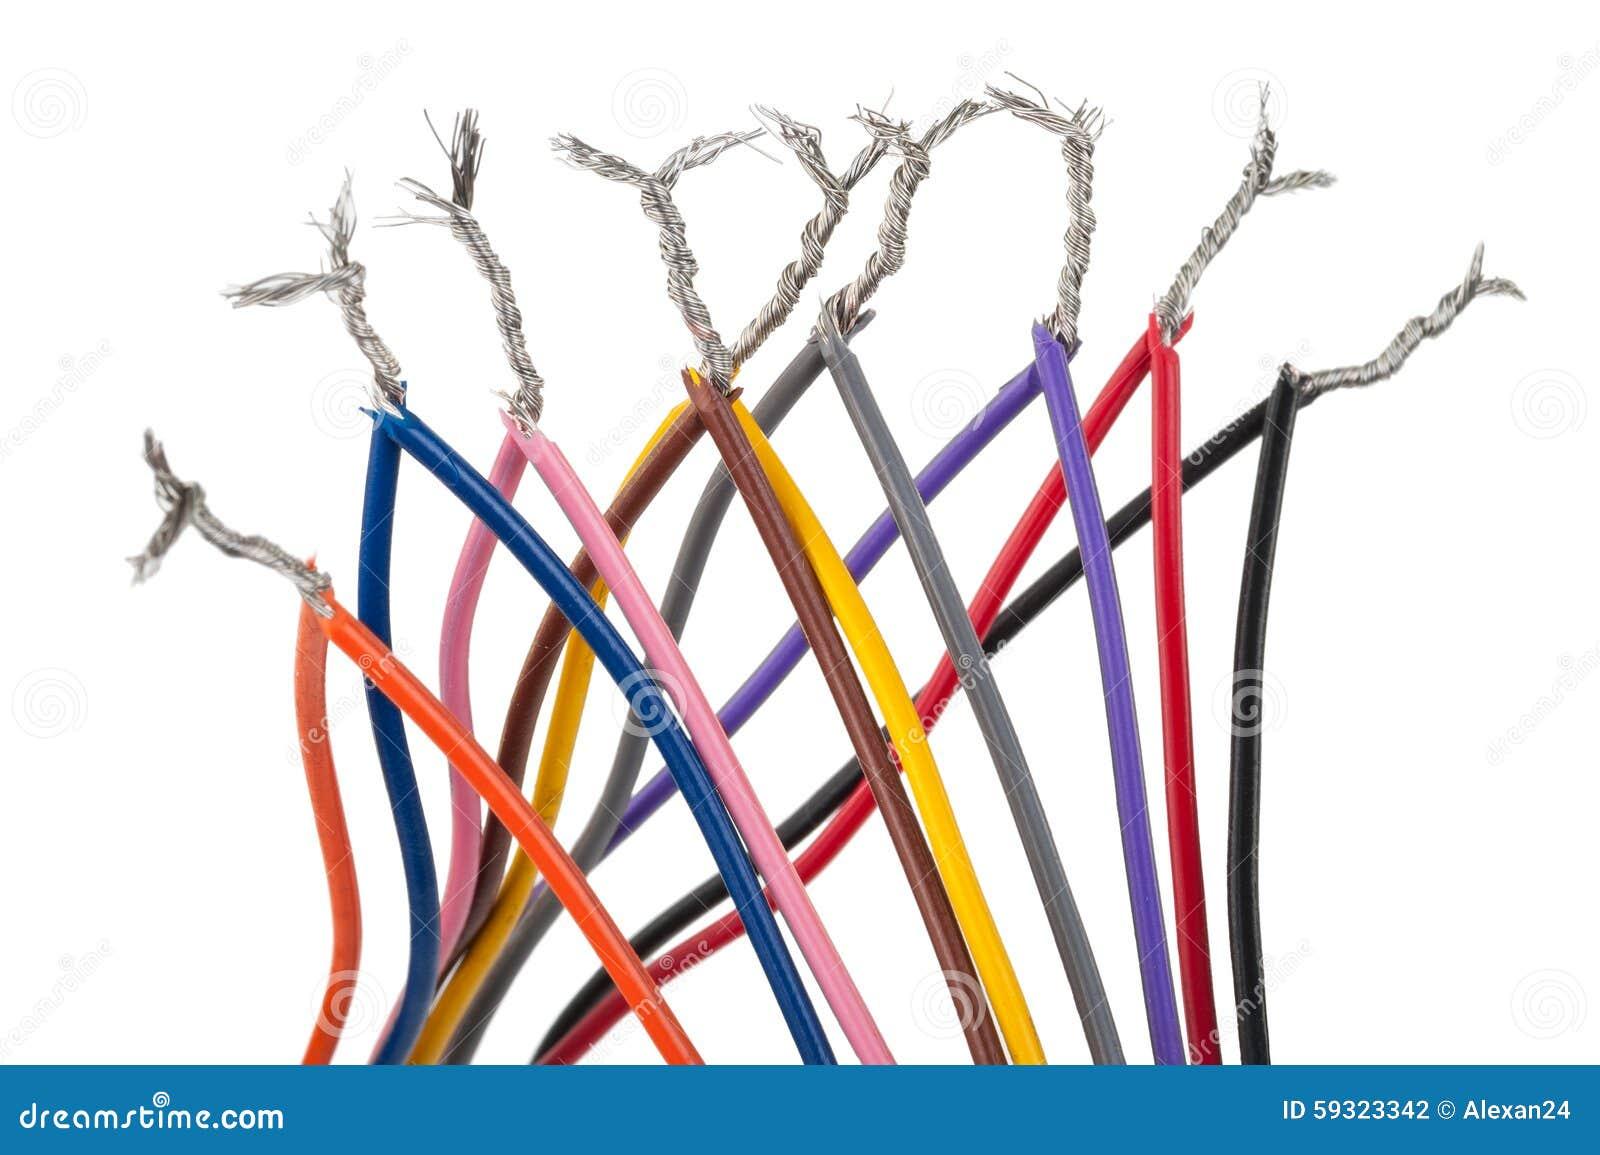 Elektrische Verbindung Mit Bunten Kabeln Stockfoto - Bild von zeile ...